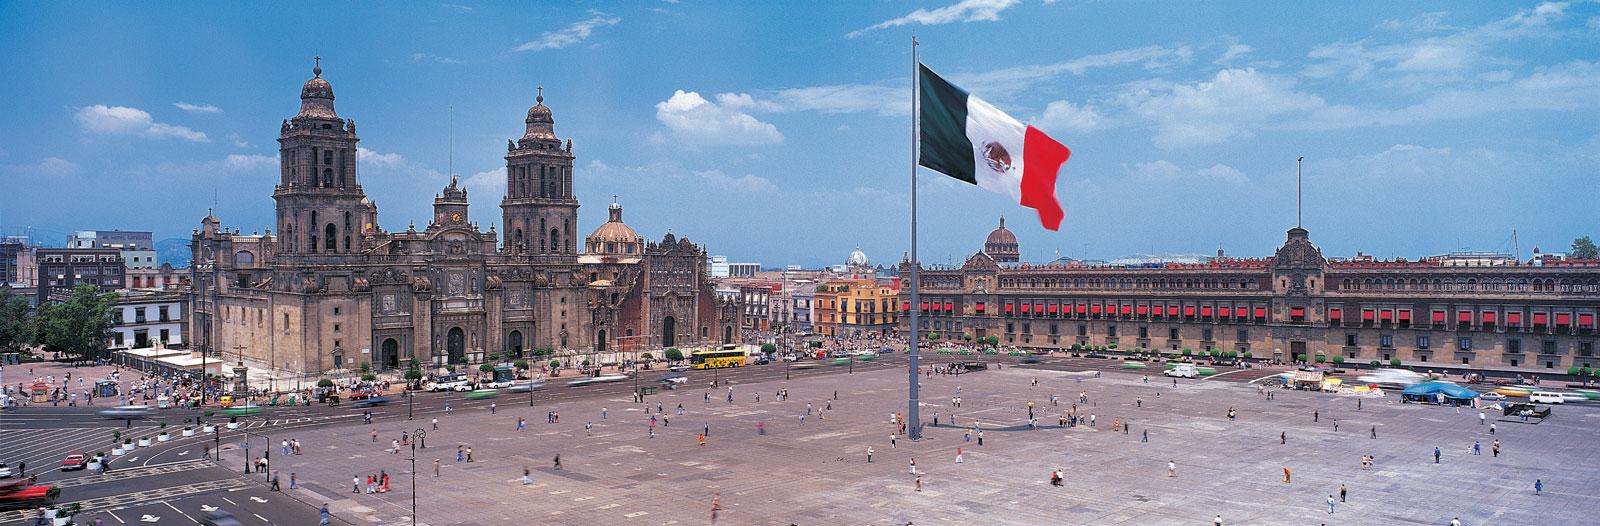 مرکز تاریخی مکزیکو سیتی و خوچیمیلکو